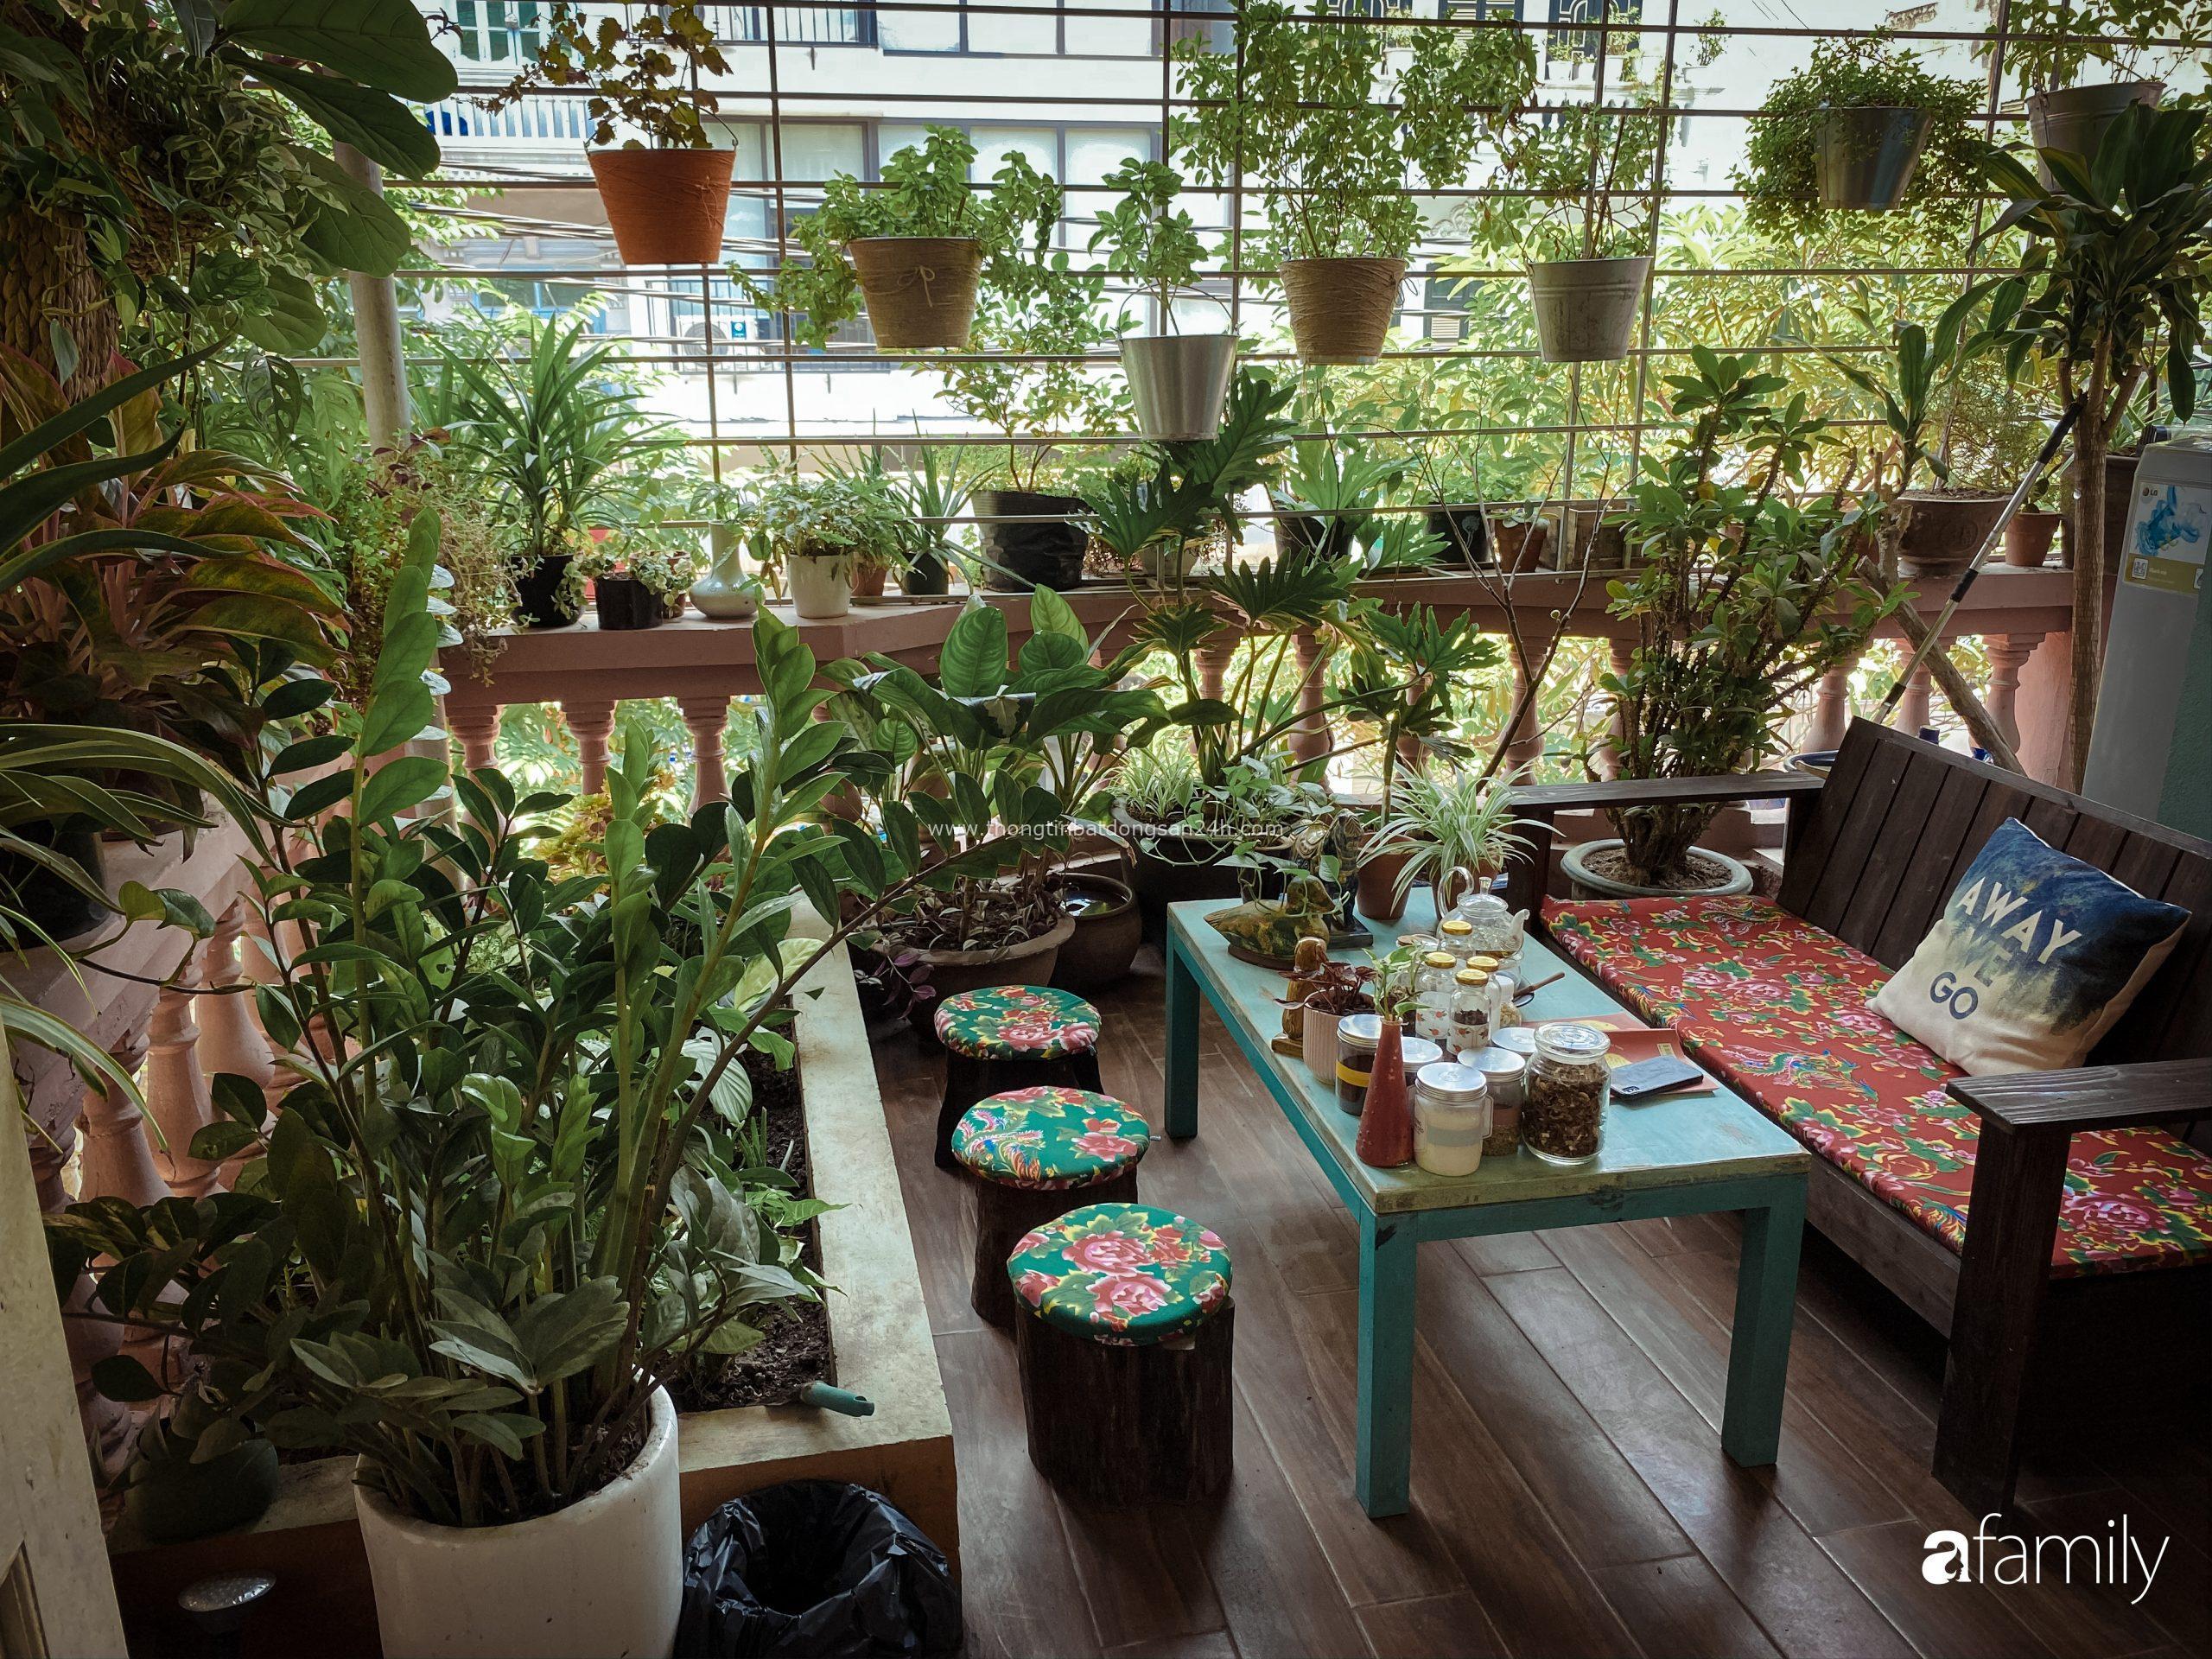 """Chàng trai Hà Nội chia sẻ bí quyết trồng cả """"rừng cây"""" tươi tốt xanh mát trong nhà 1"""